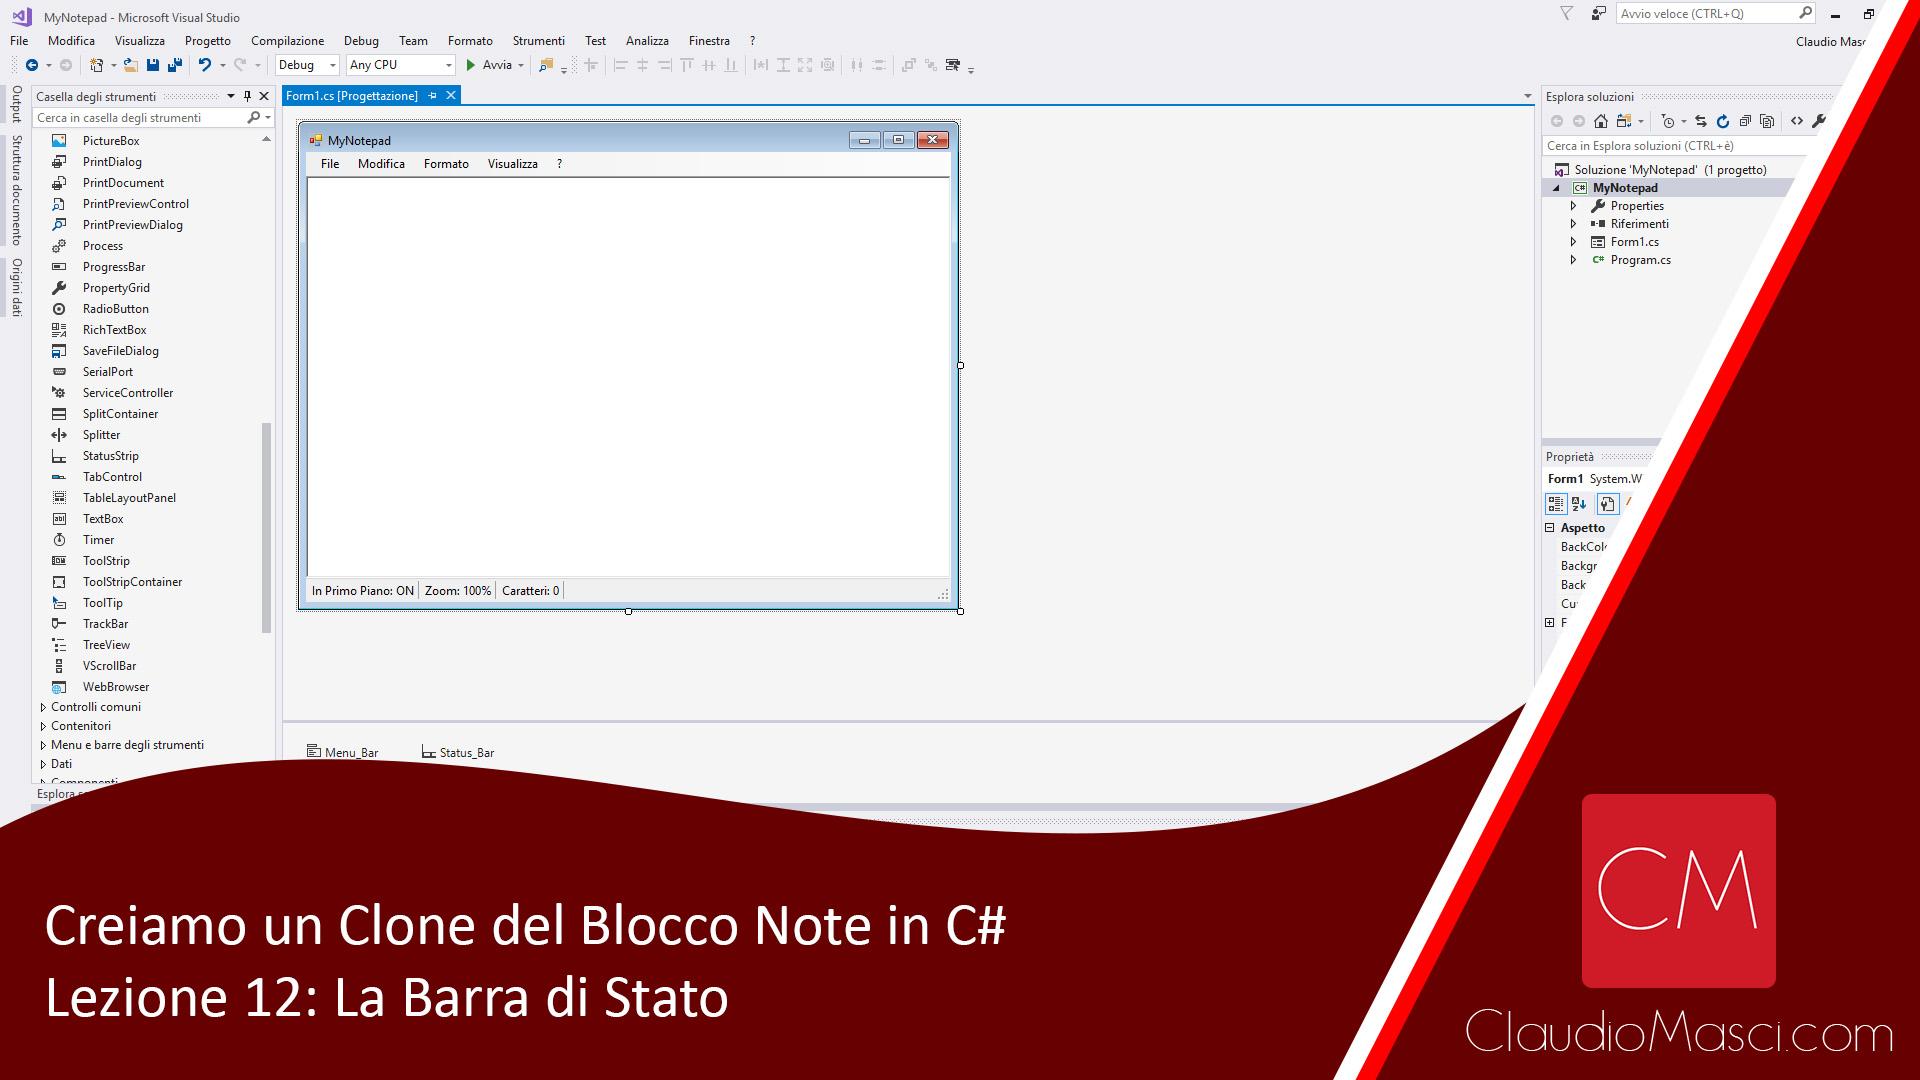 Creiamo un clone del Blocco Note in C# – Lezione 12: La Barra di Stato